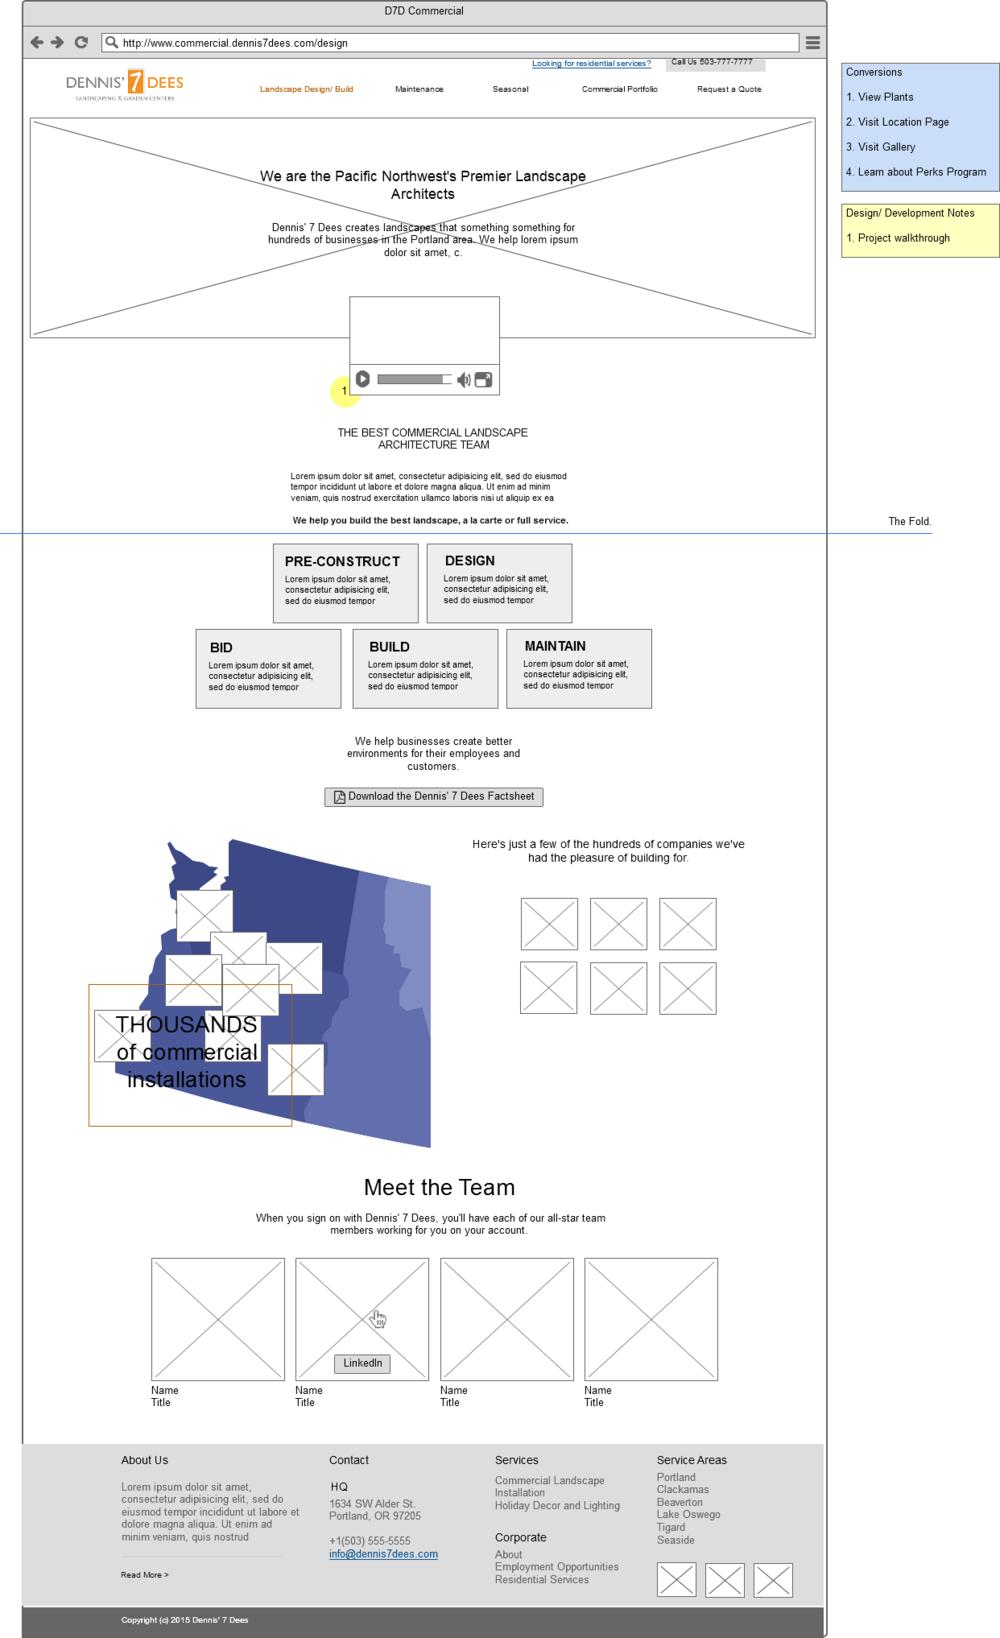 2_0 DesignBuild.png